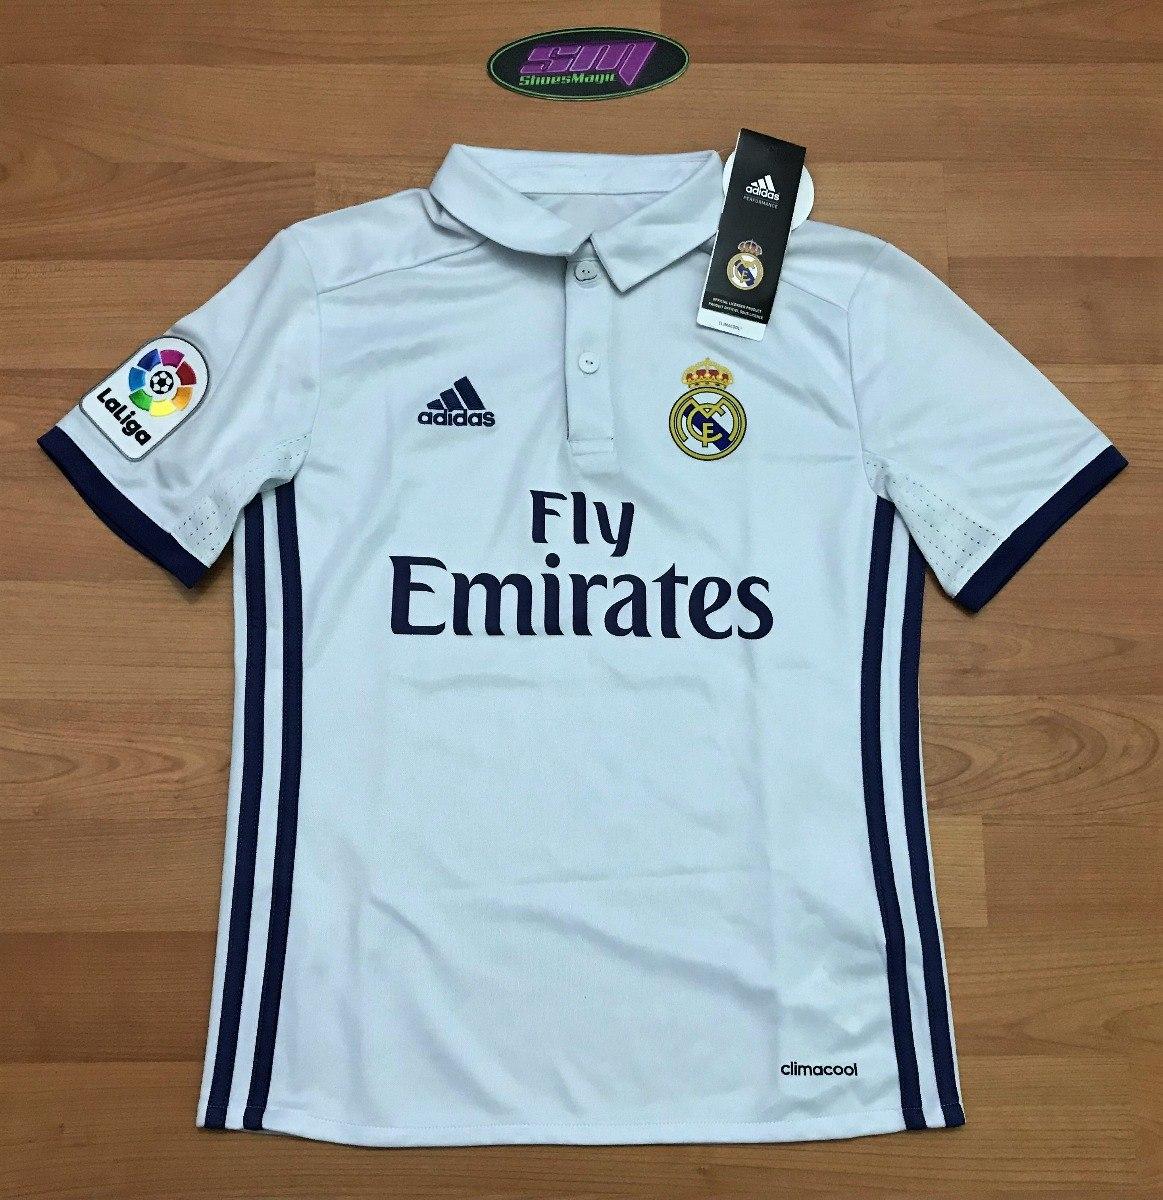 Playera adidas Del Real Madrid Para Niño -   349.00 en Mercado Libre bbef53f178386